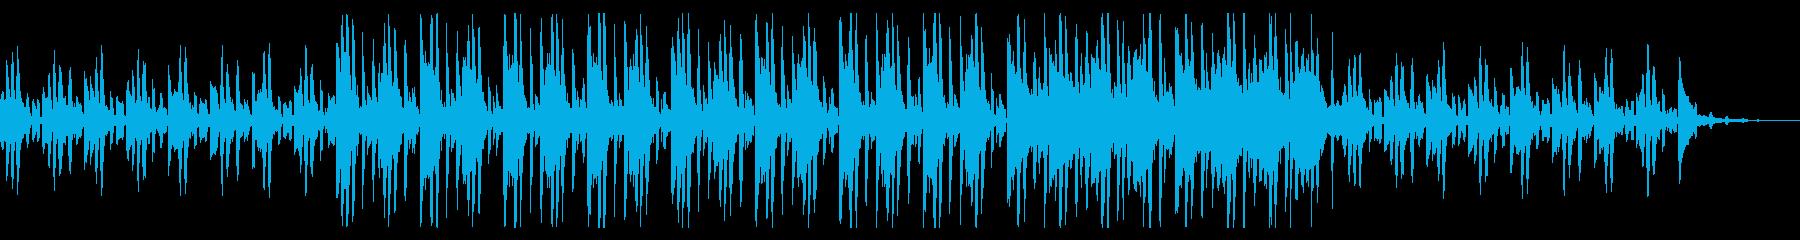 宇宙を感じる独特なメロディーの再生済みの波形